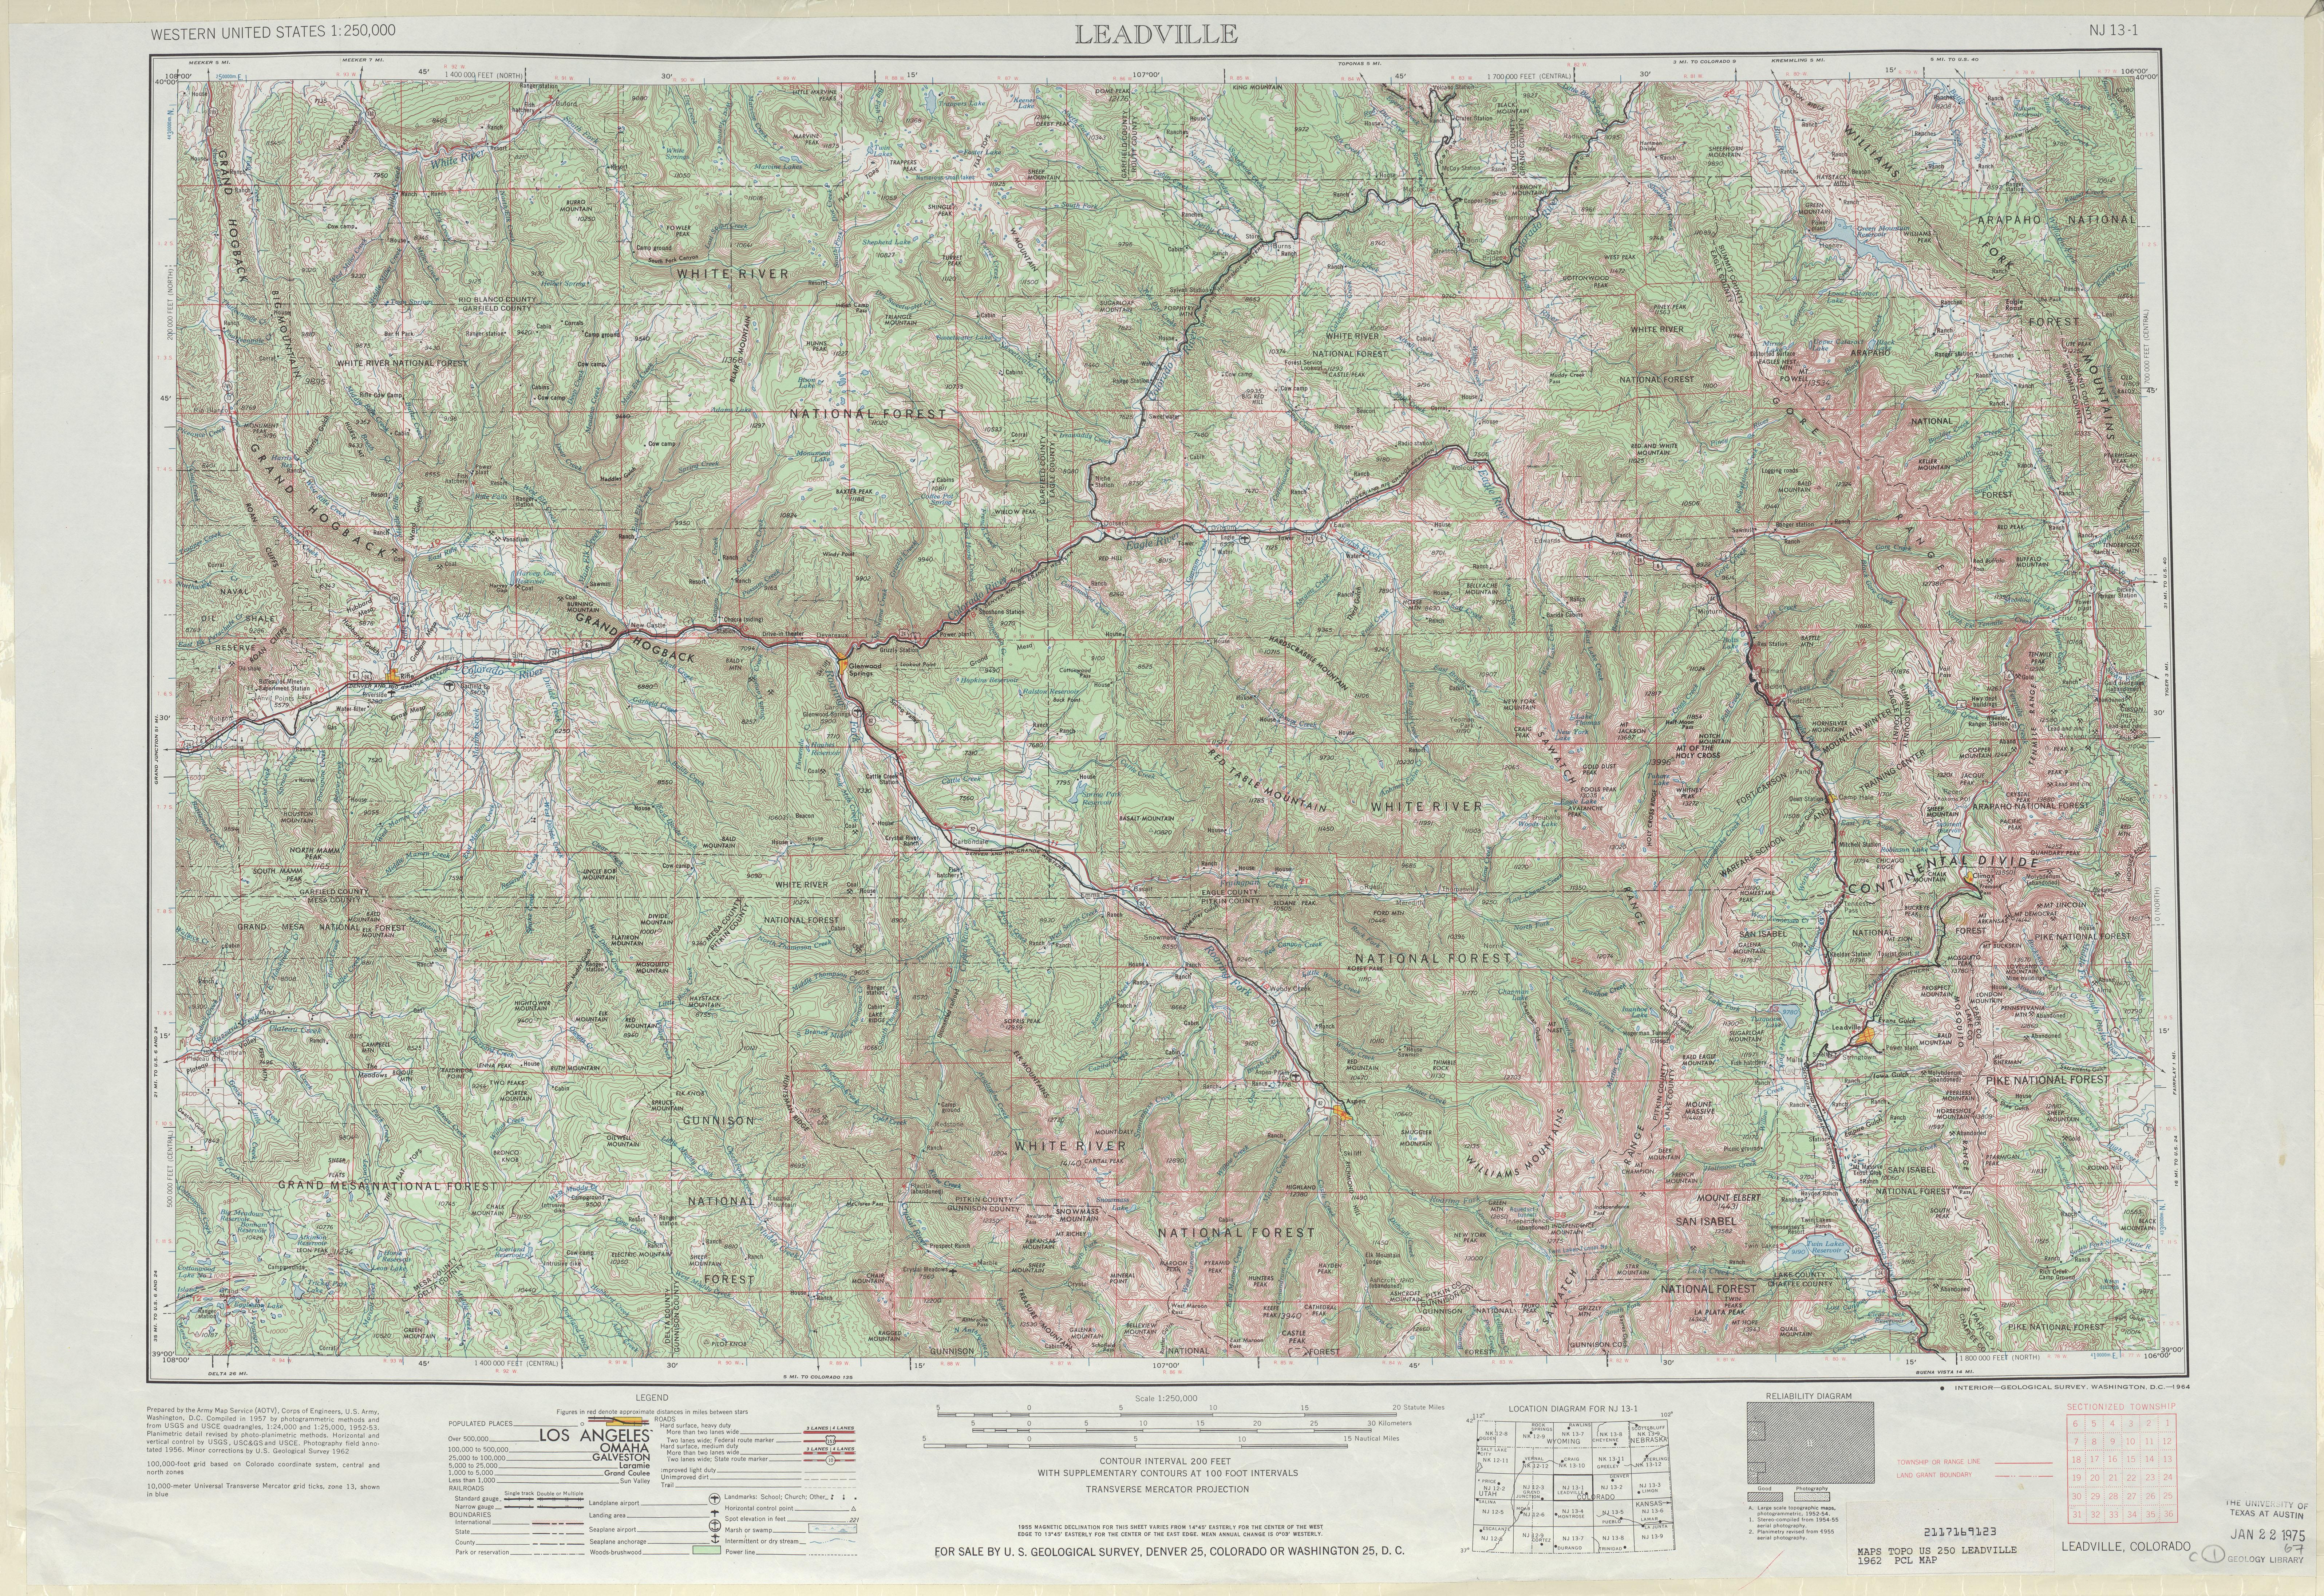 Hoja Leadville del Mapa Topográfico de los Estados Unidos 1962